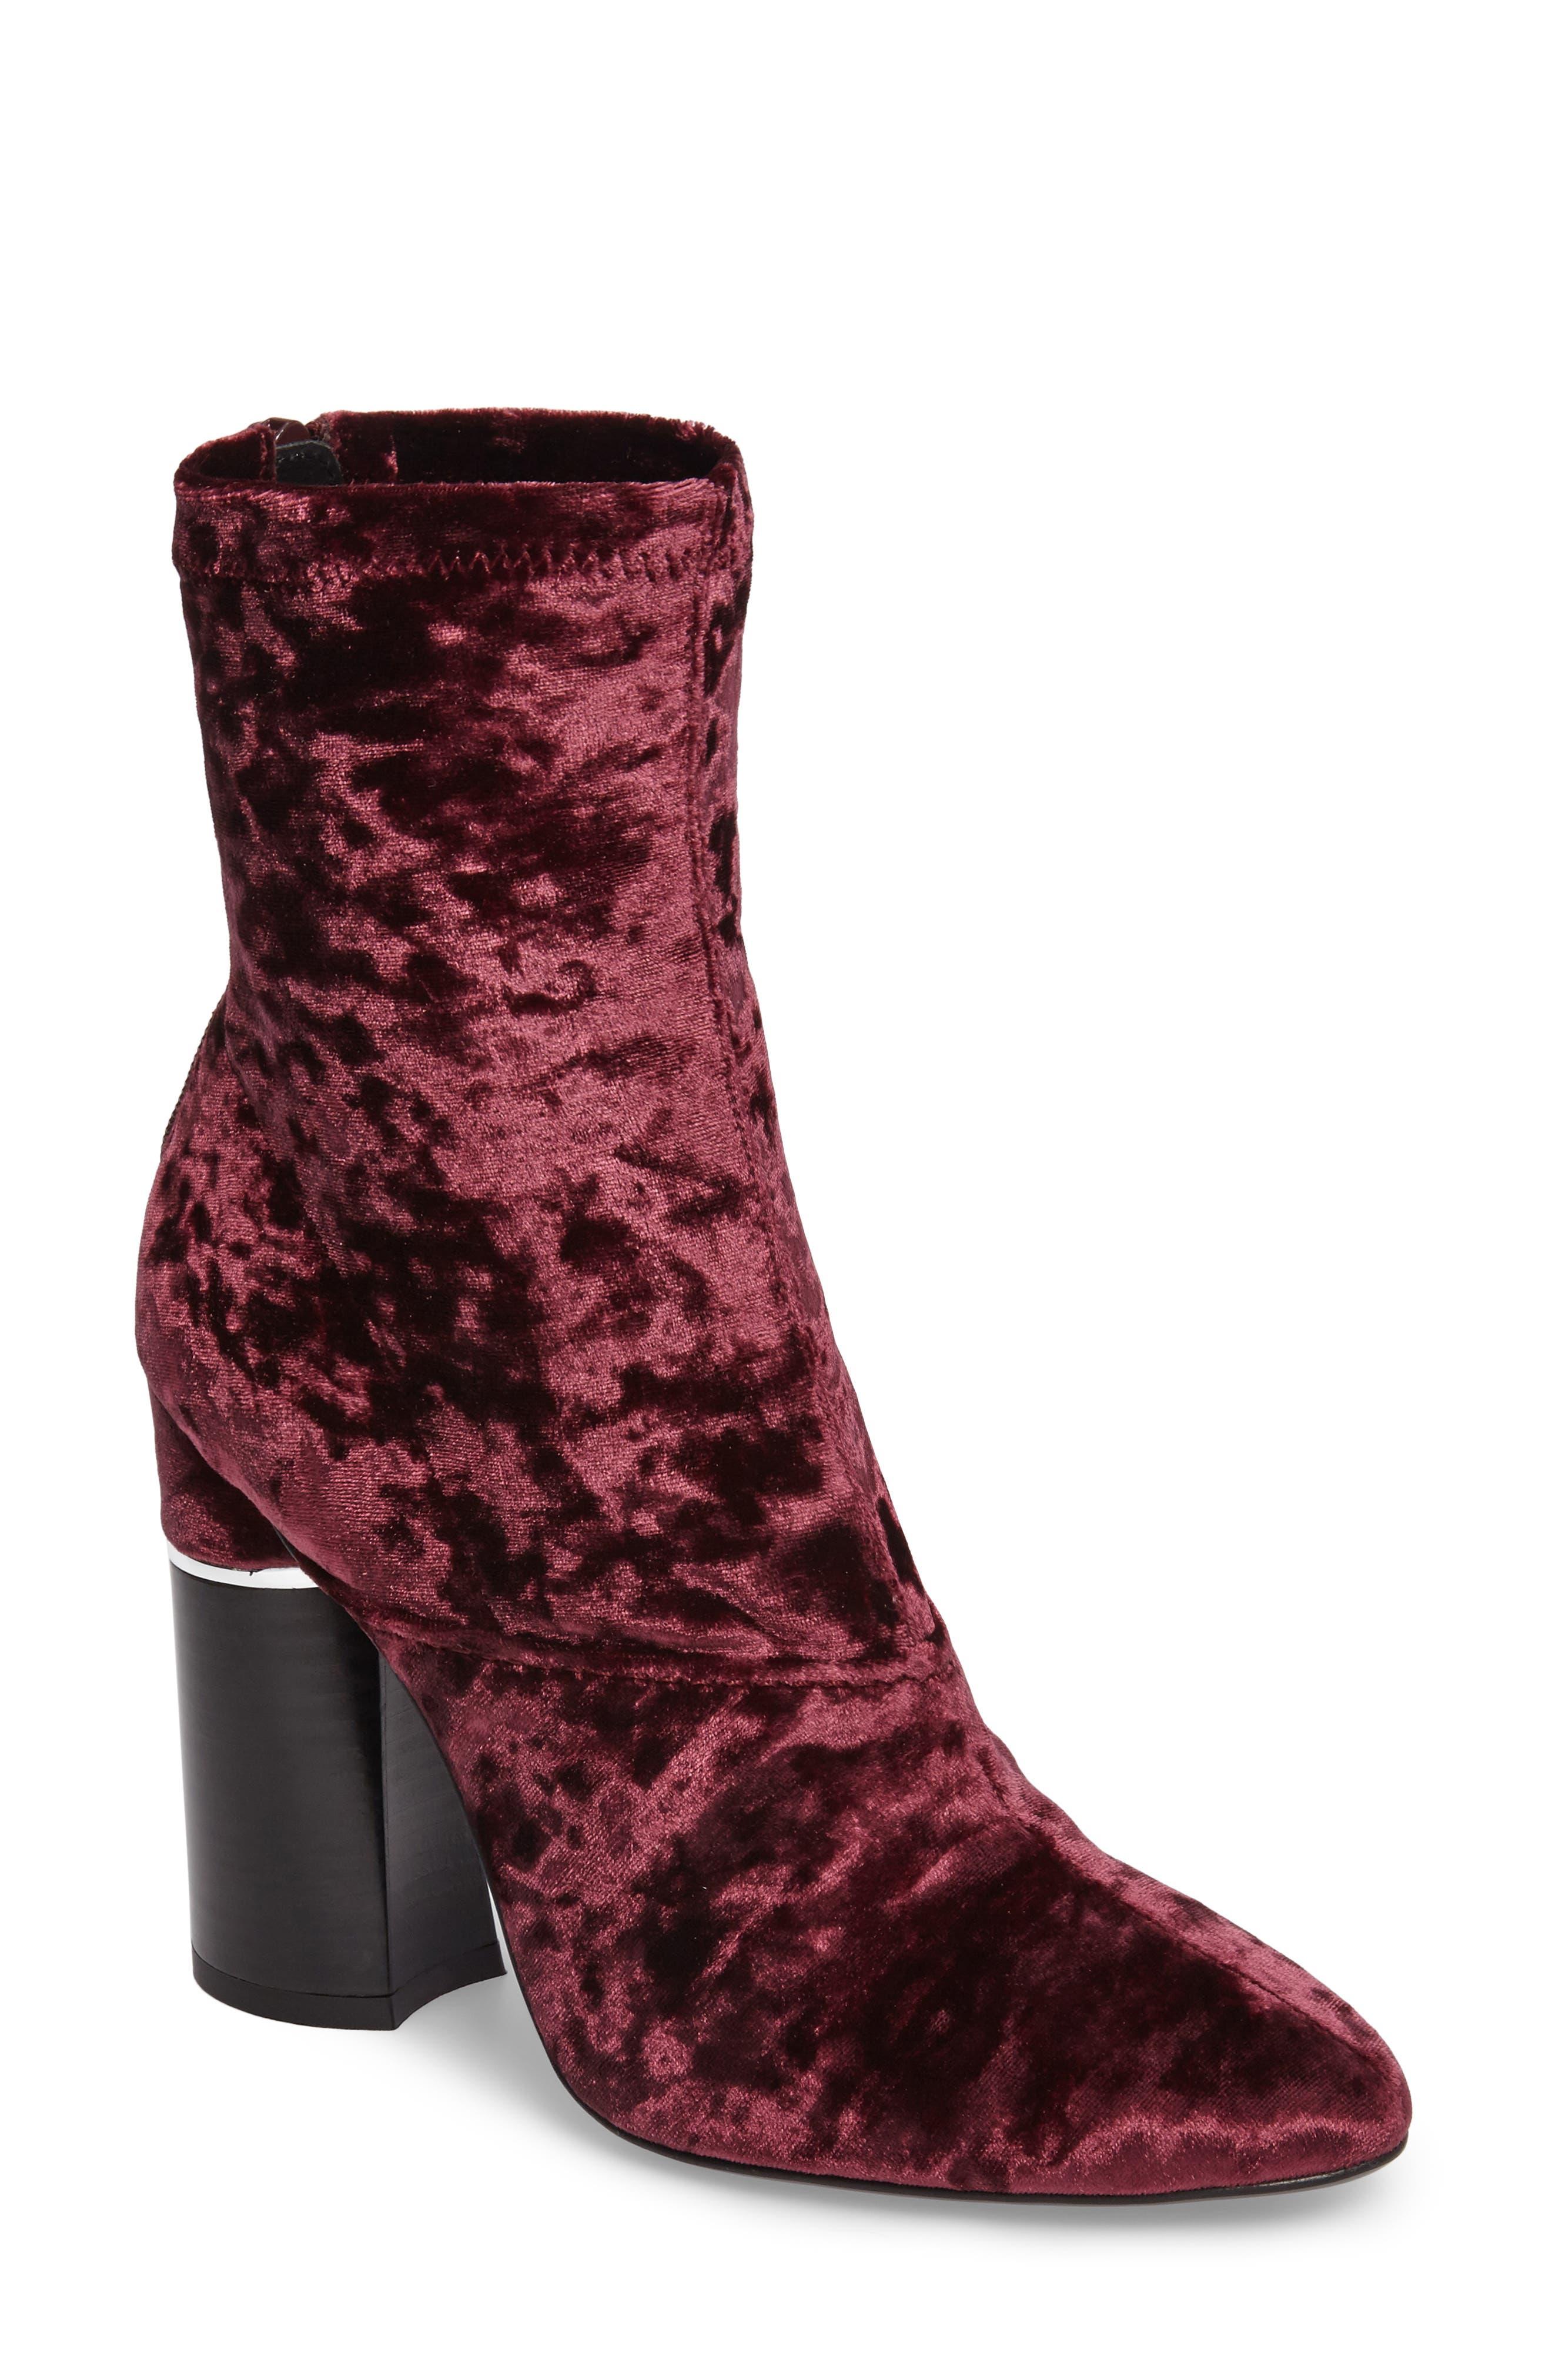 Alternate Image 1 Selected - 3.1 Phillip Lim 'Kyoto' Crushed Velvet Boot (Women)